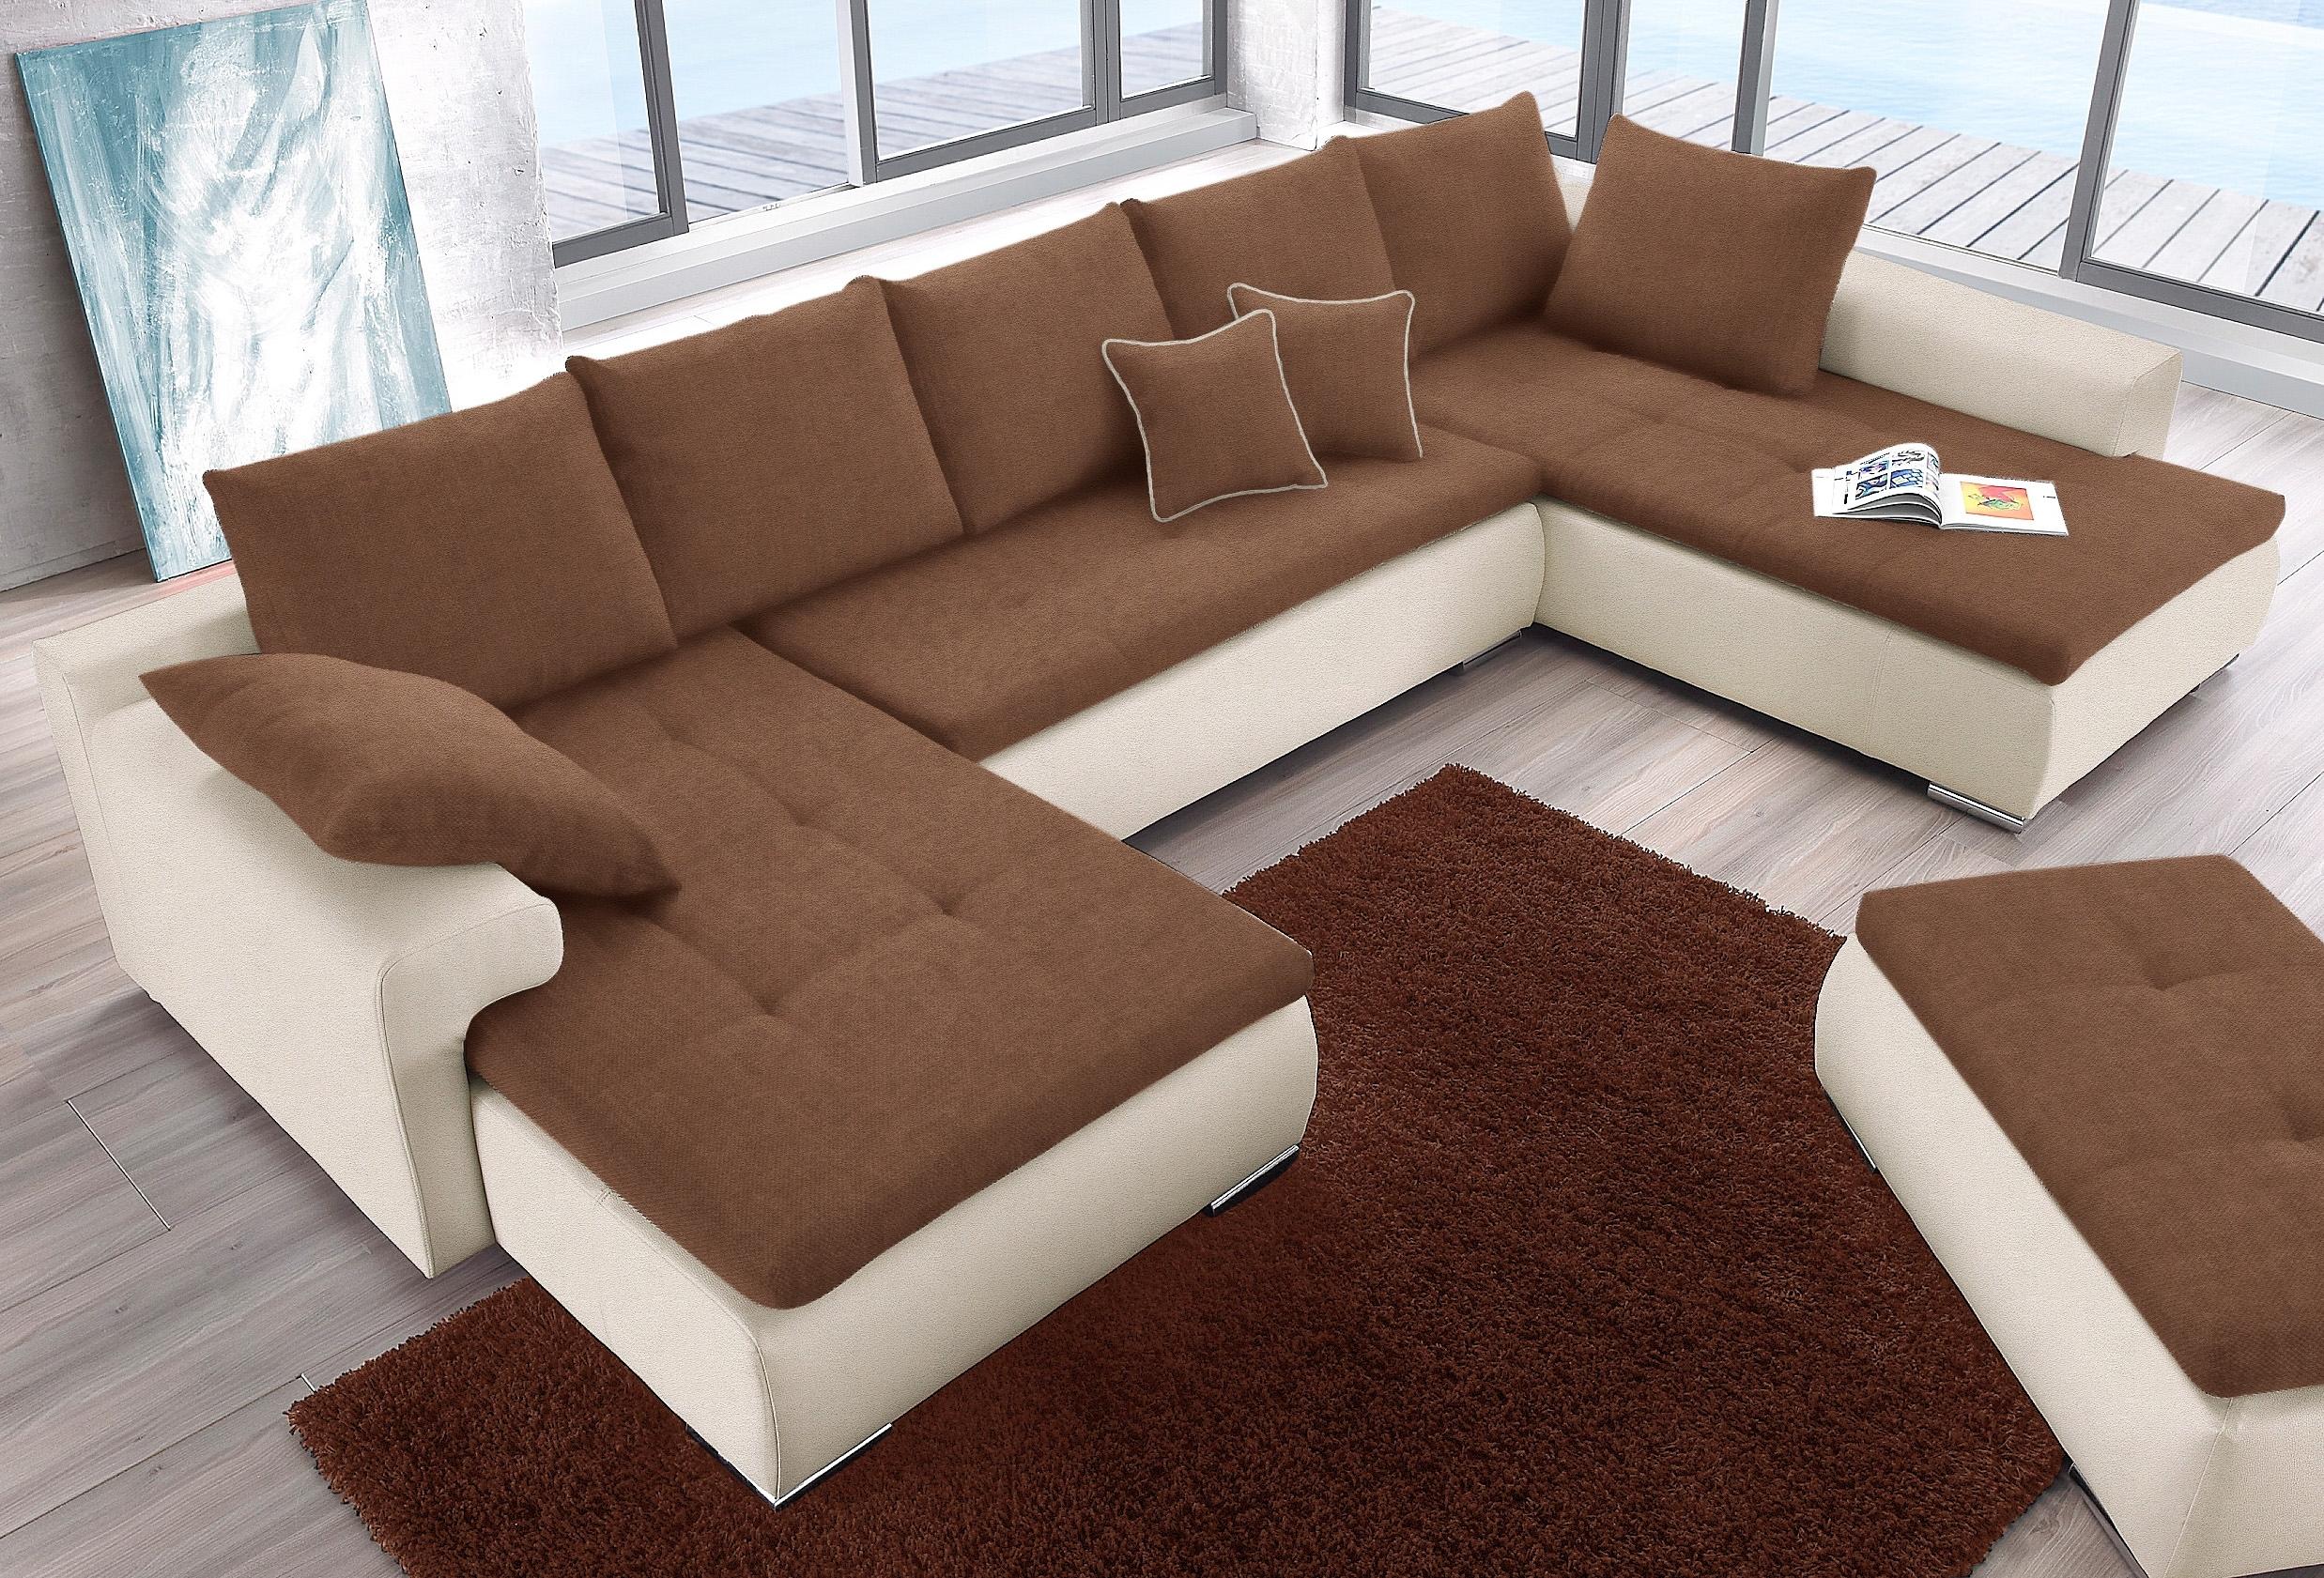 zithoek met losse rug en sierkussens koop je bij otto. Black Bedroom Furniture Sets. Home Design Ideas